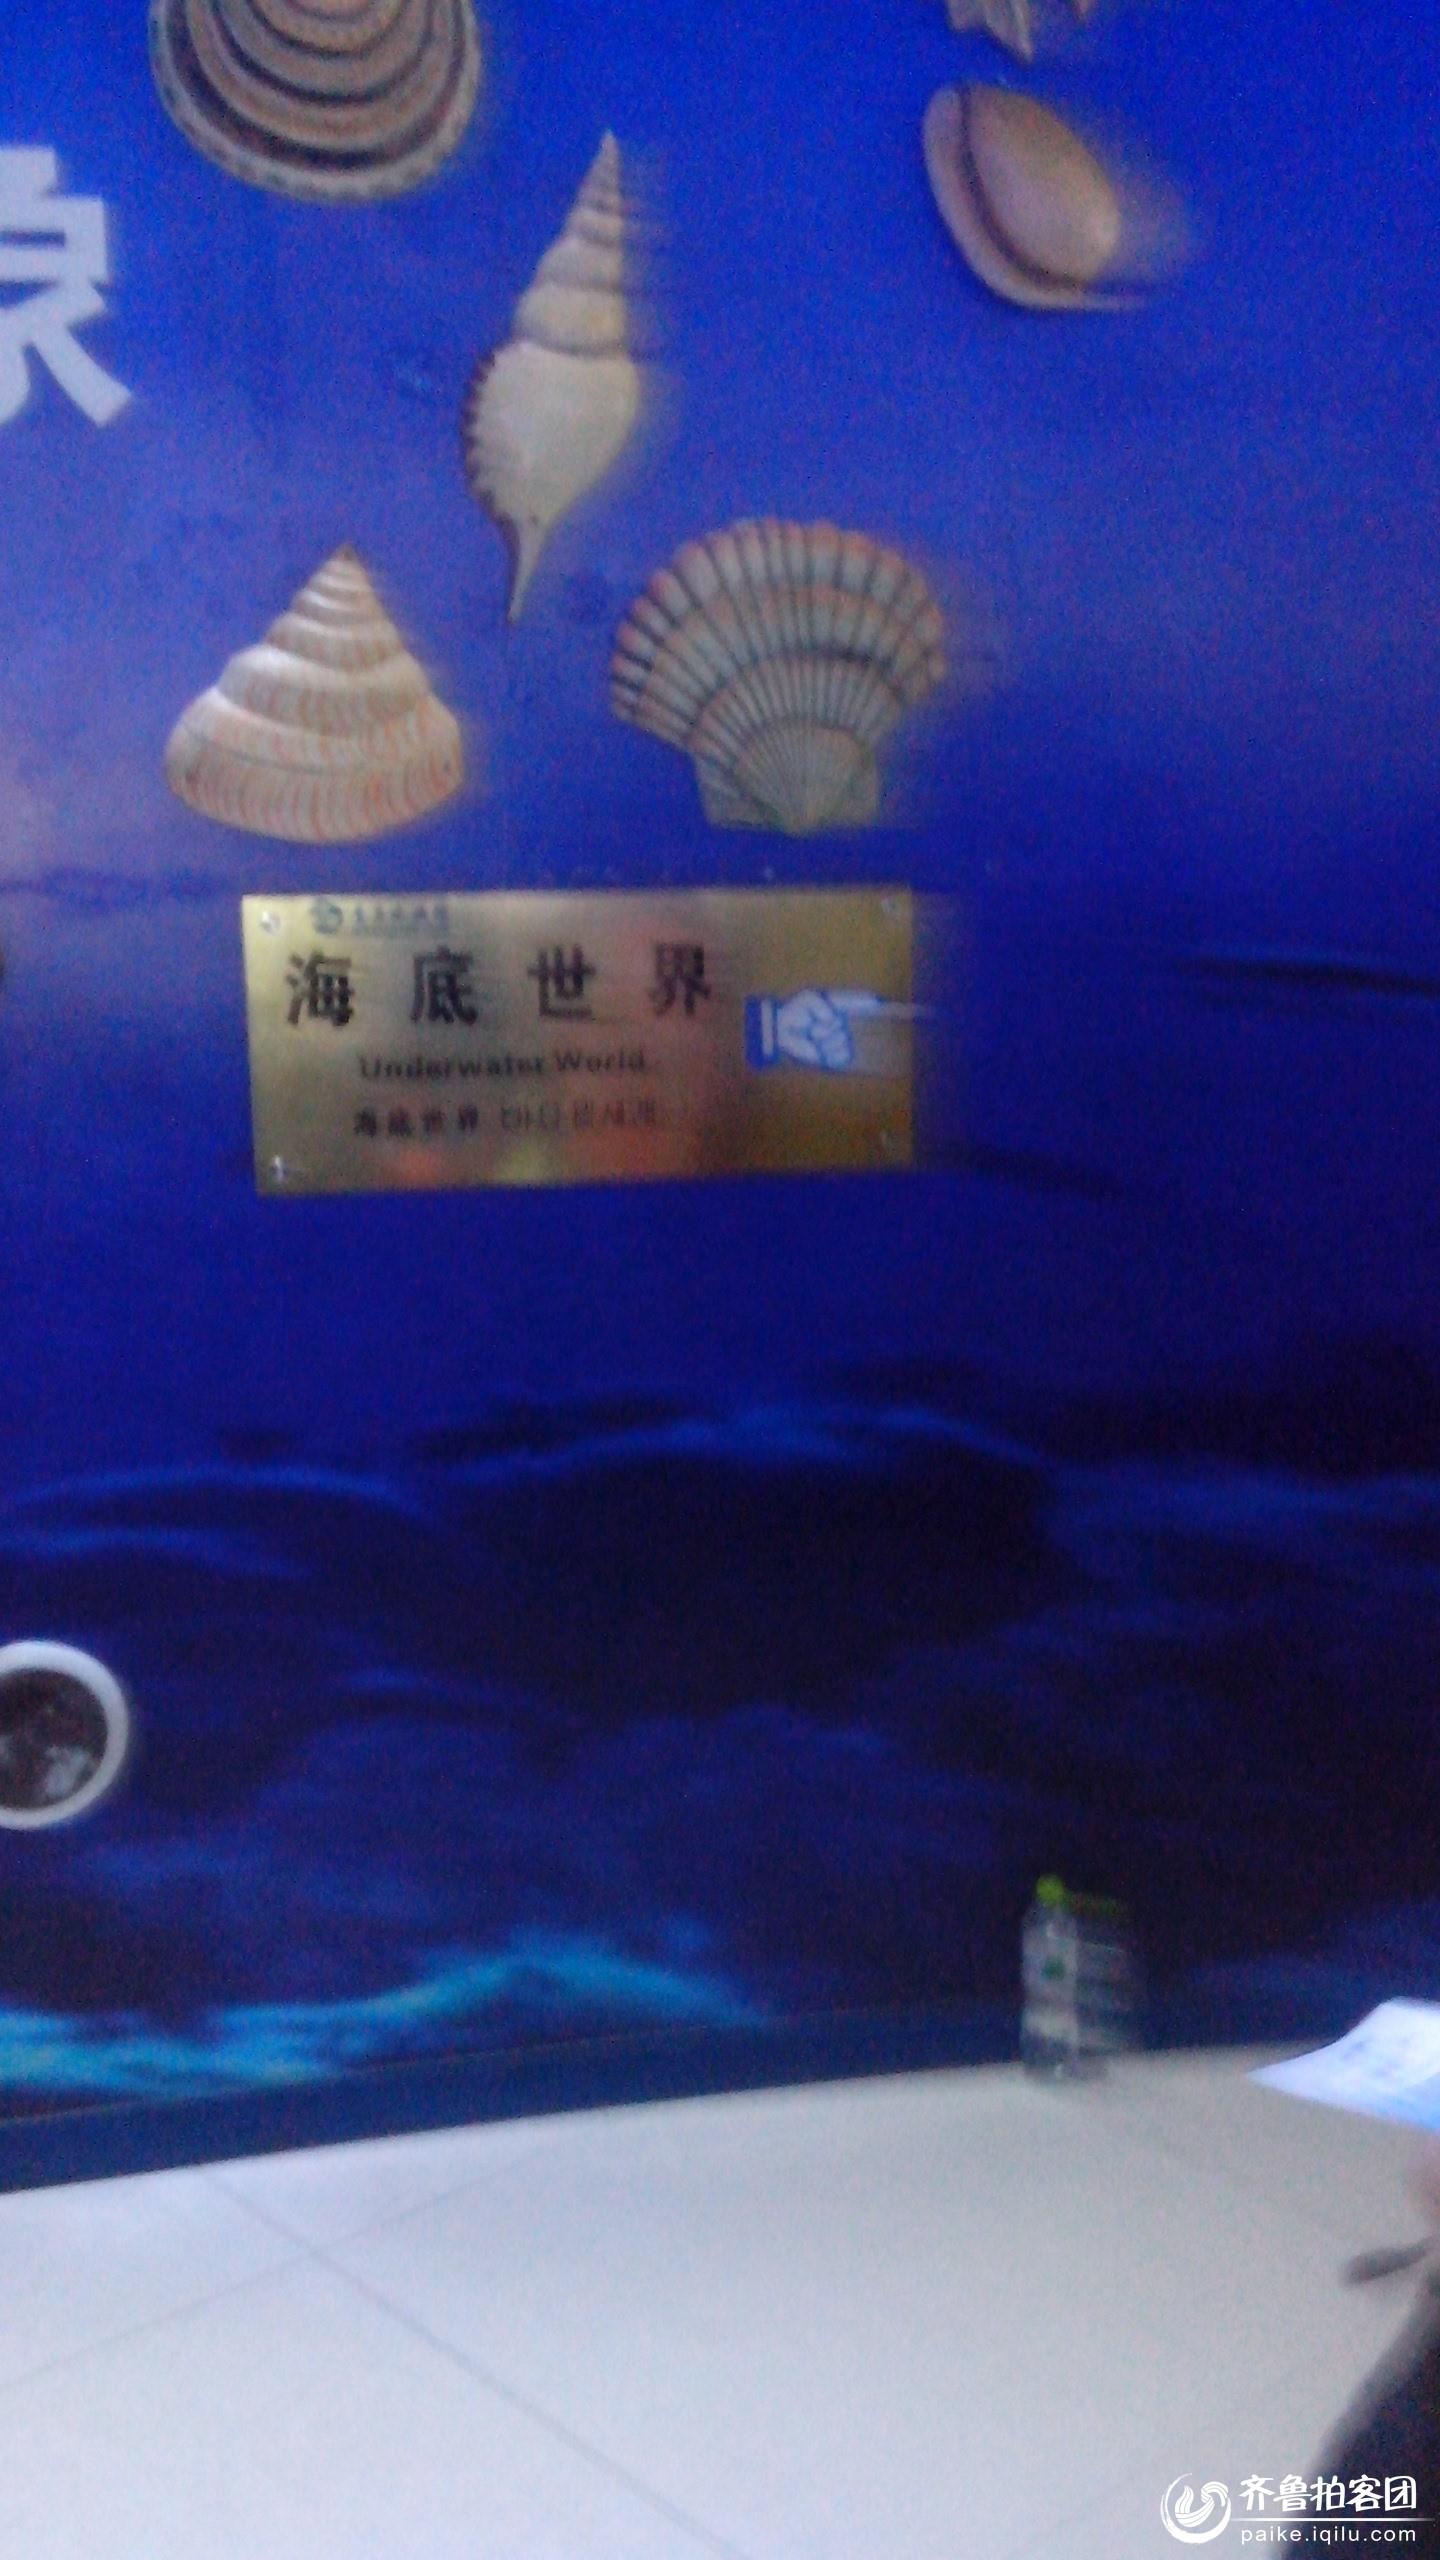 壁纸 海底 海底世界 海洋馆 水族馆 1440_2560 竖版 竖屏 手机